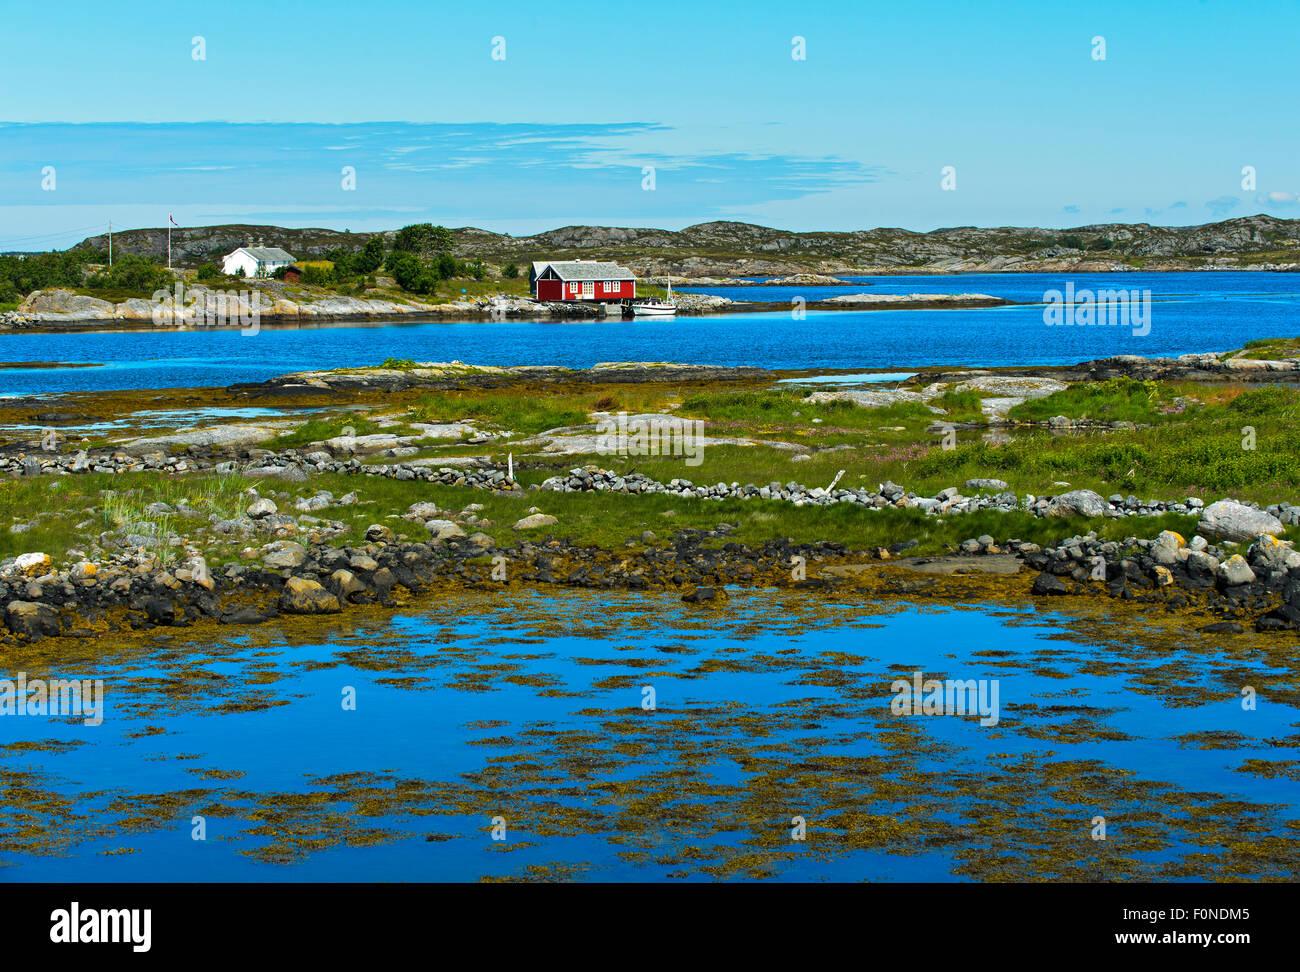 Fjord landscape with a house, Møre og Romsdal, Norway - Stock Image